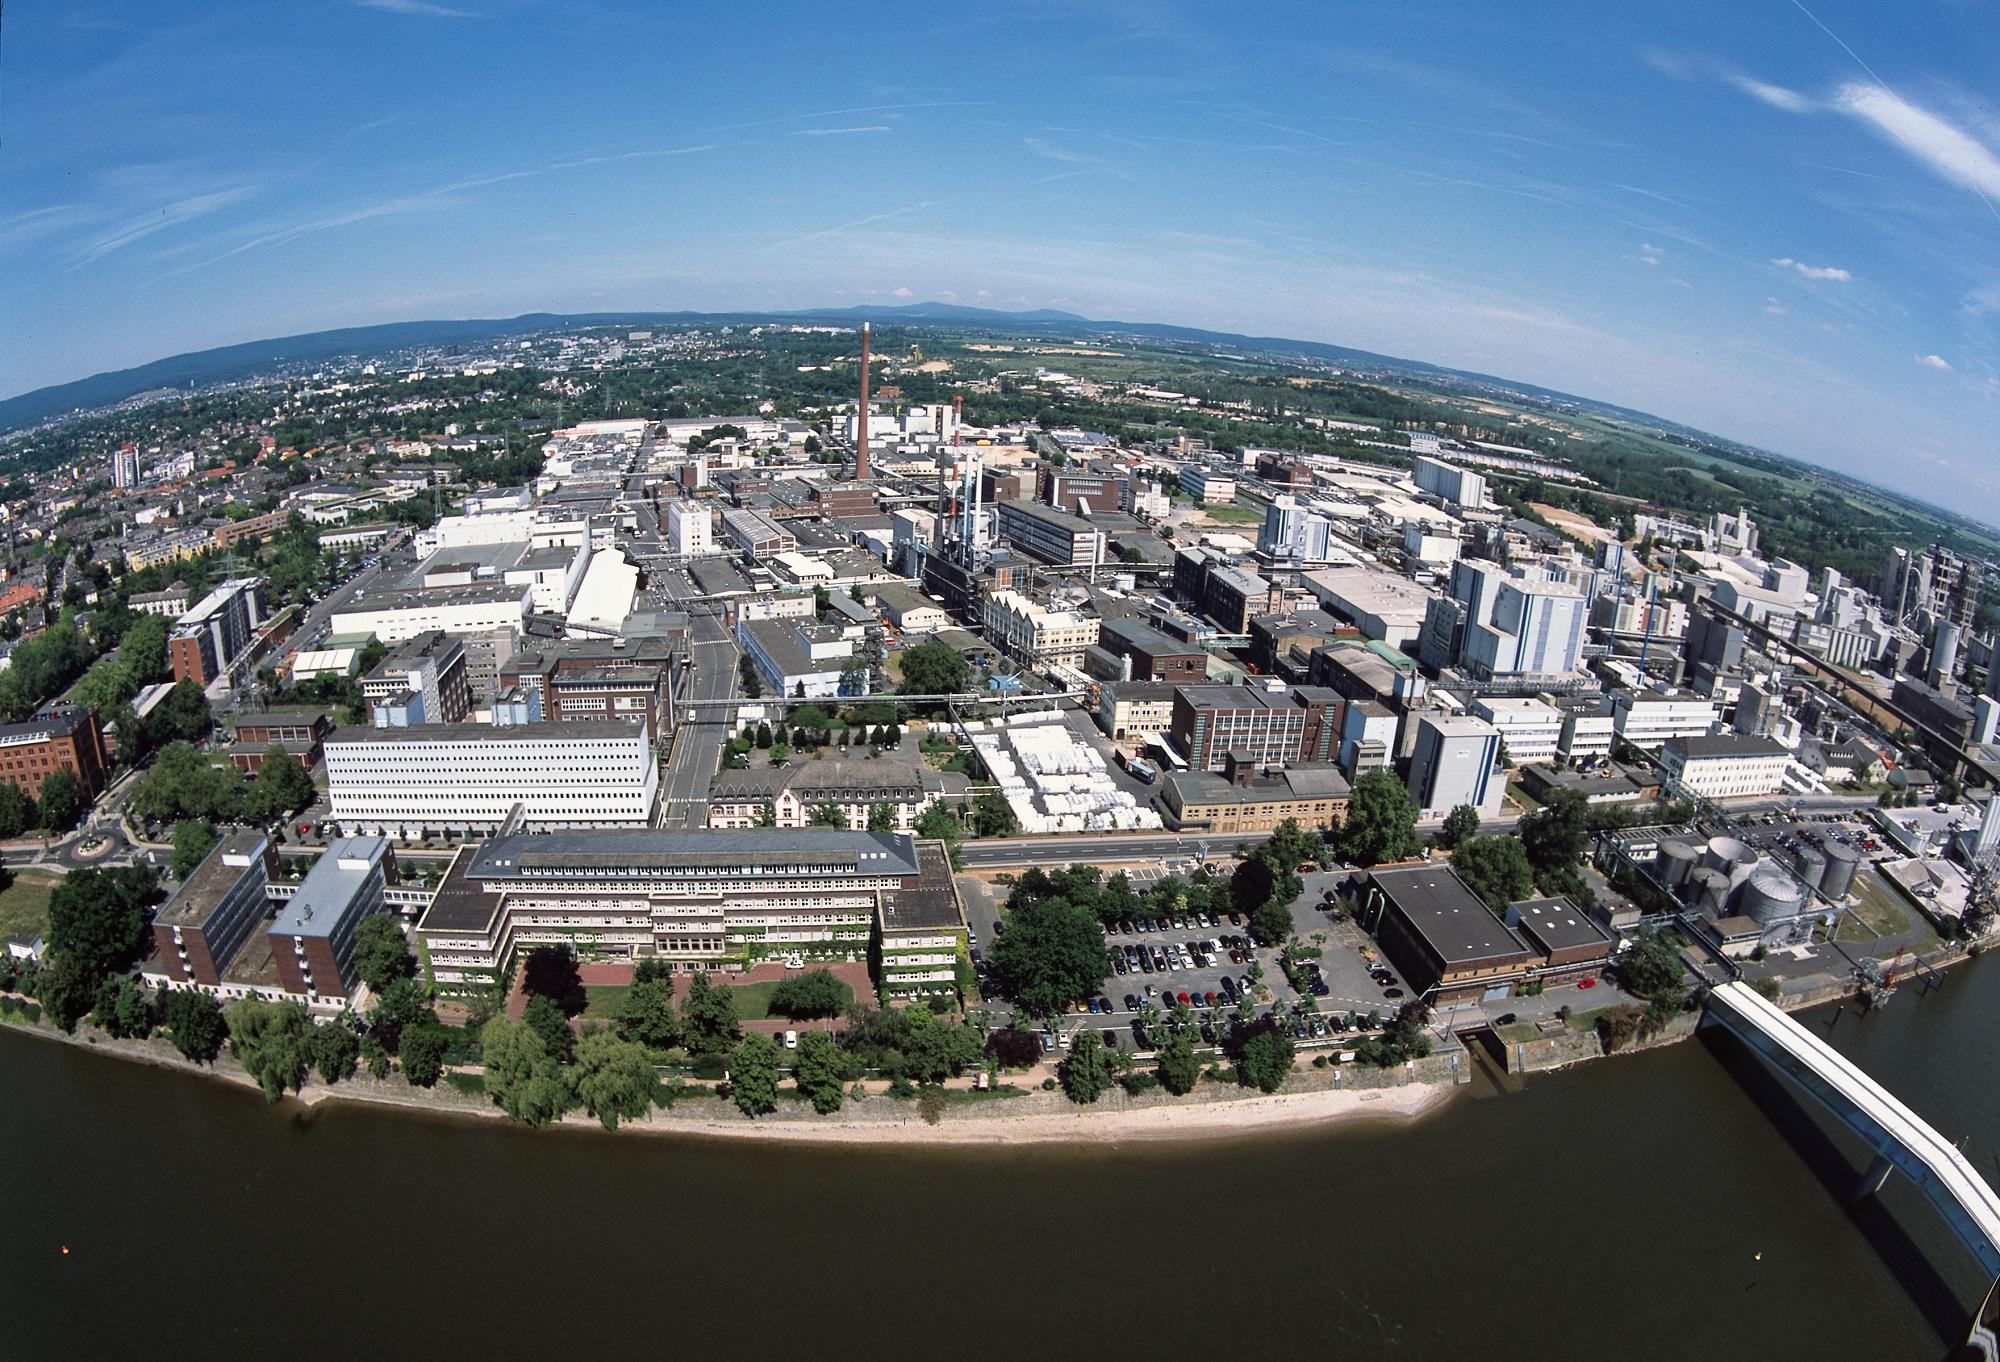 Industriepark Kalle-Albert aus der Vogelperspektive (Foto: Infraserv Wiesbaden)